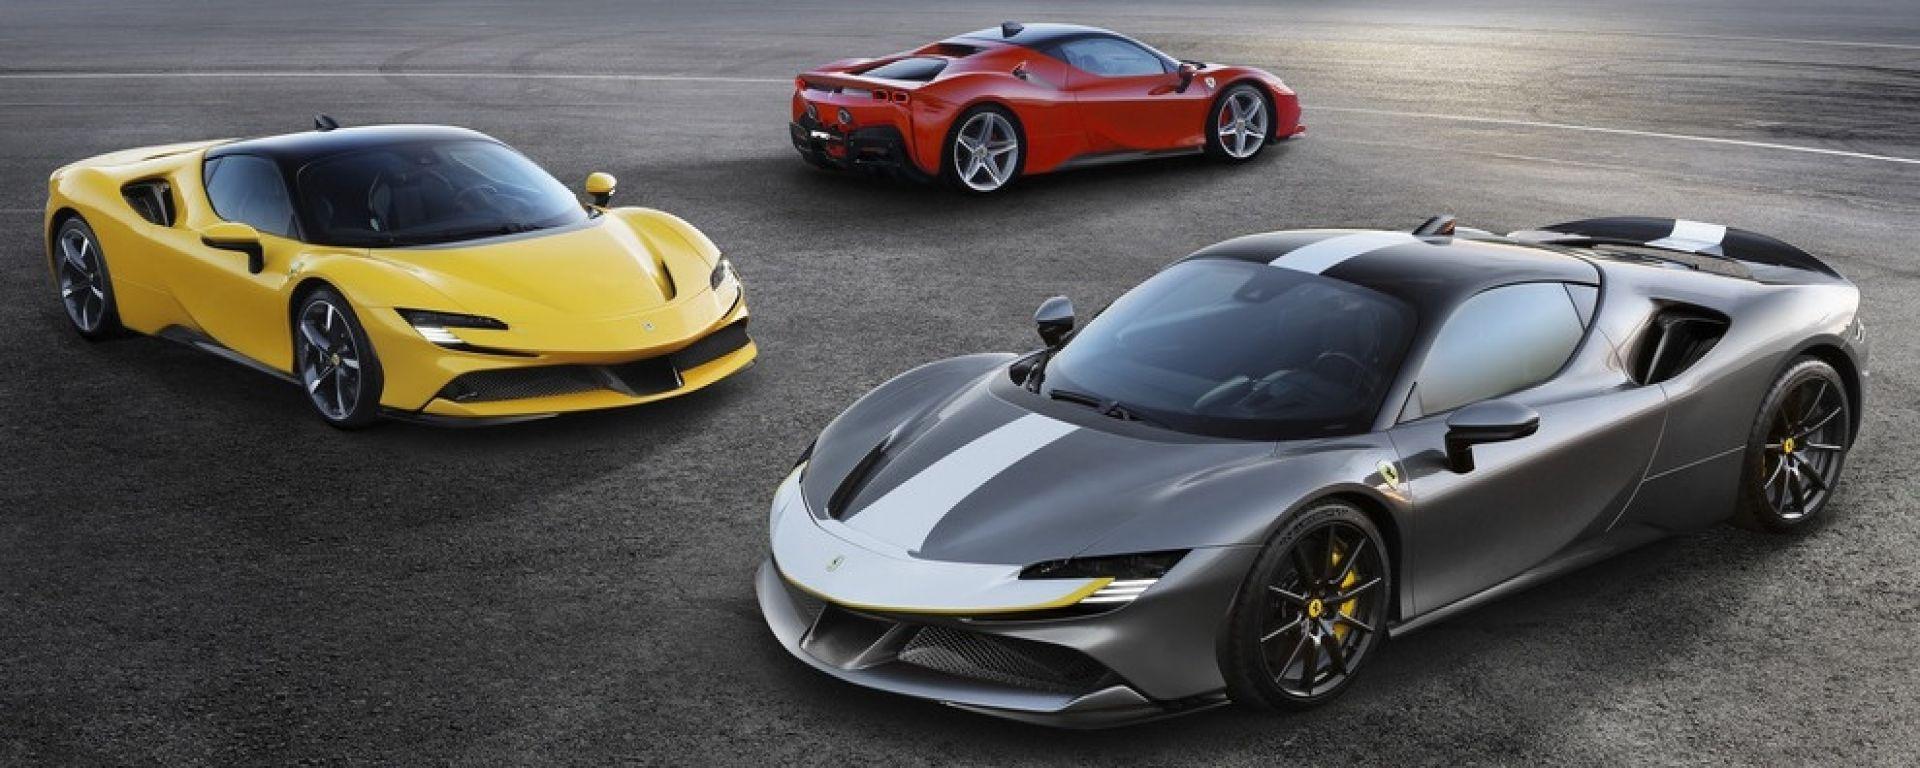 Universo Ferrari, la mostra evento a settembre a Maranello